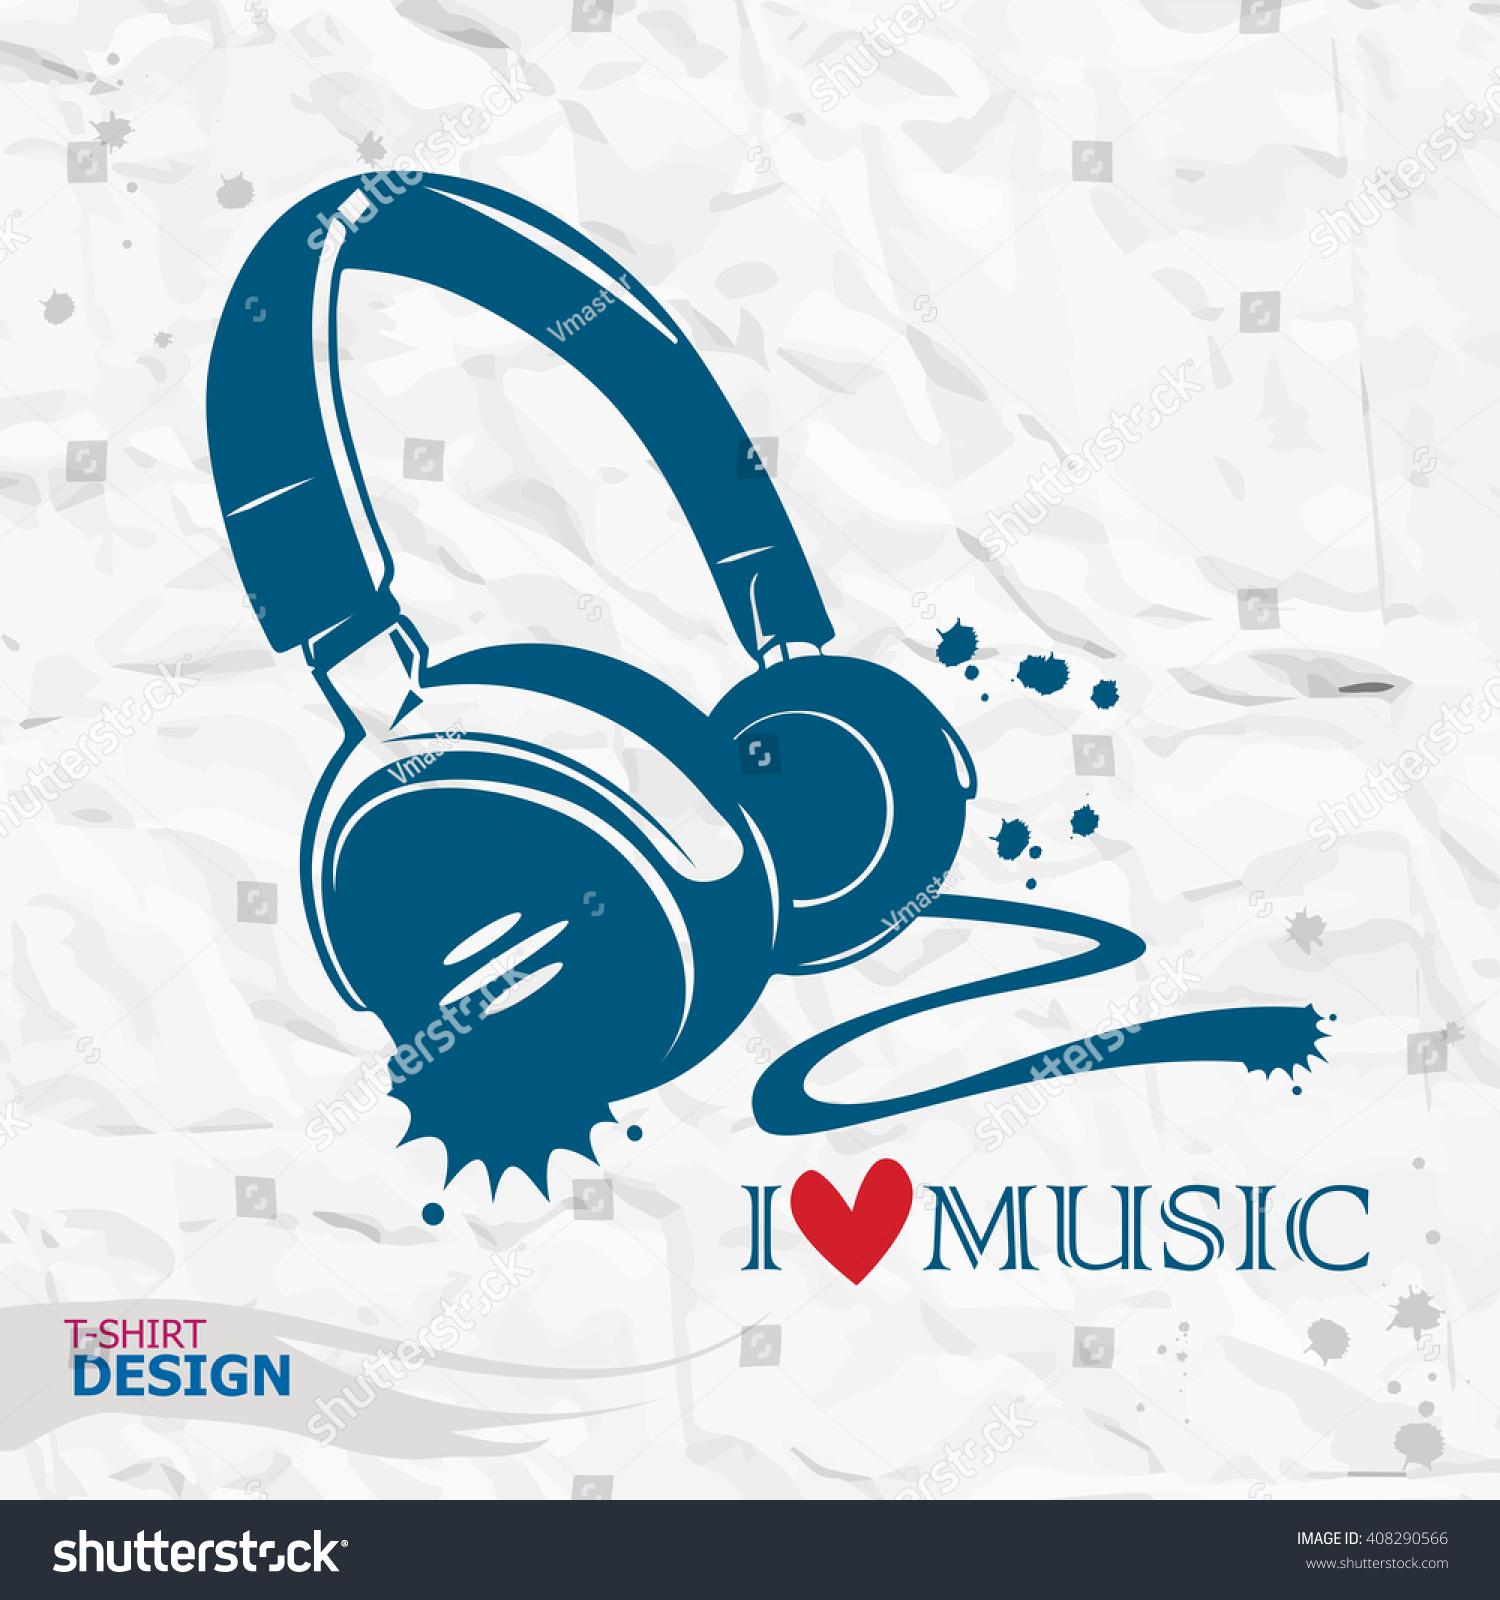 Shirt design equipment - Design Element For T Shirt Print Vector Illustration Earphone Music Style